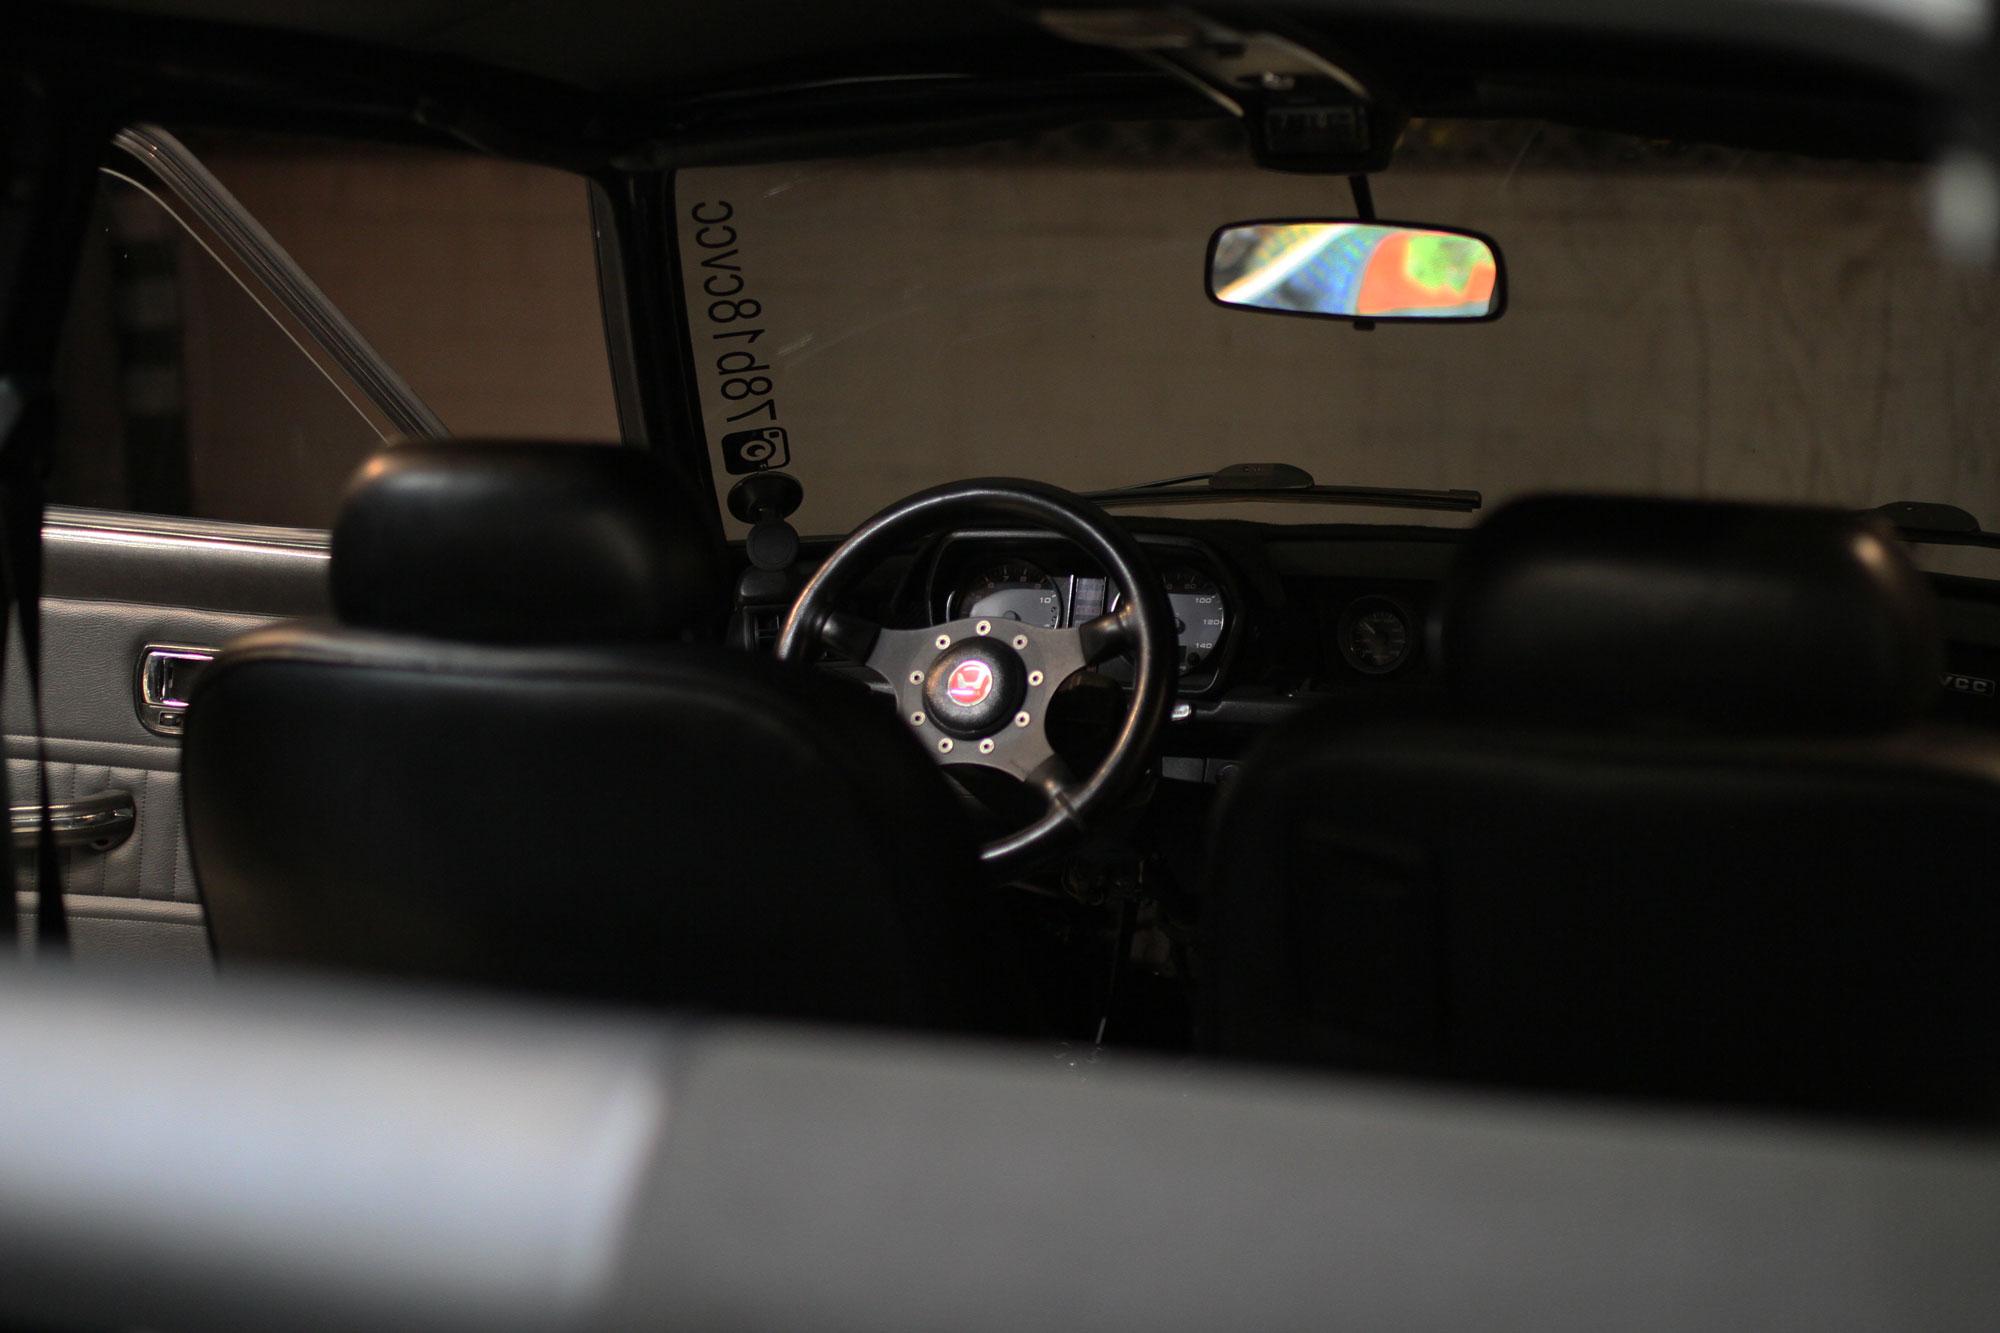 Den svarta original ratten med det röda Honda emblemet inuti Civic